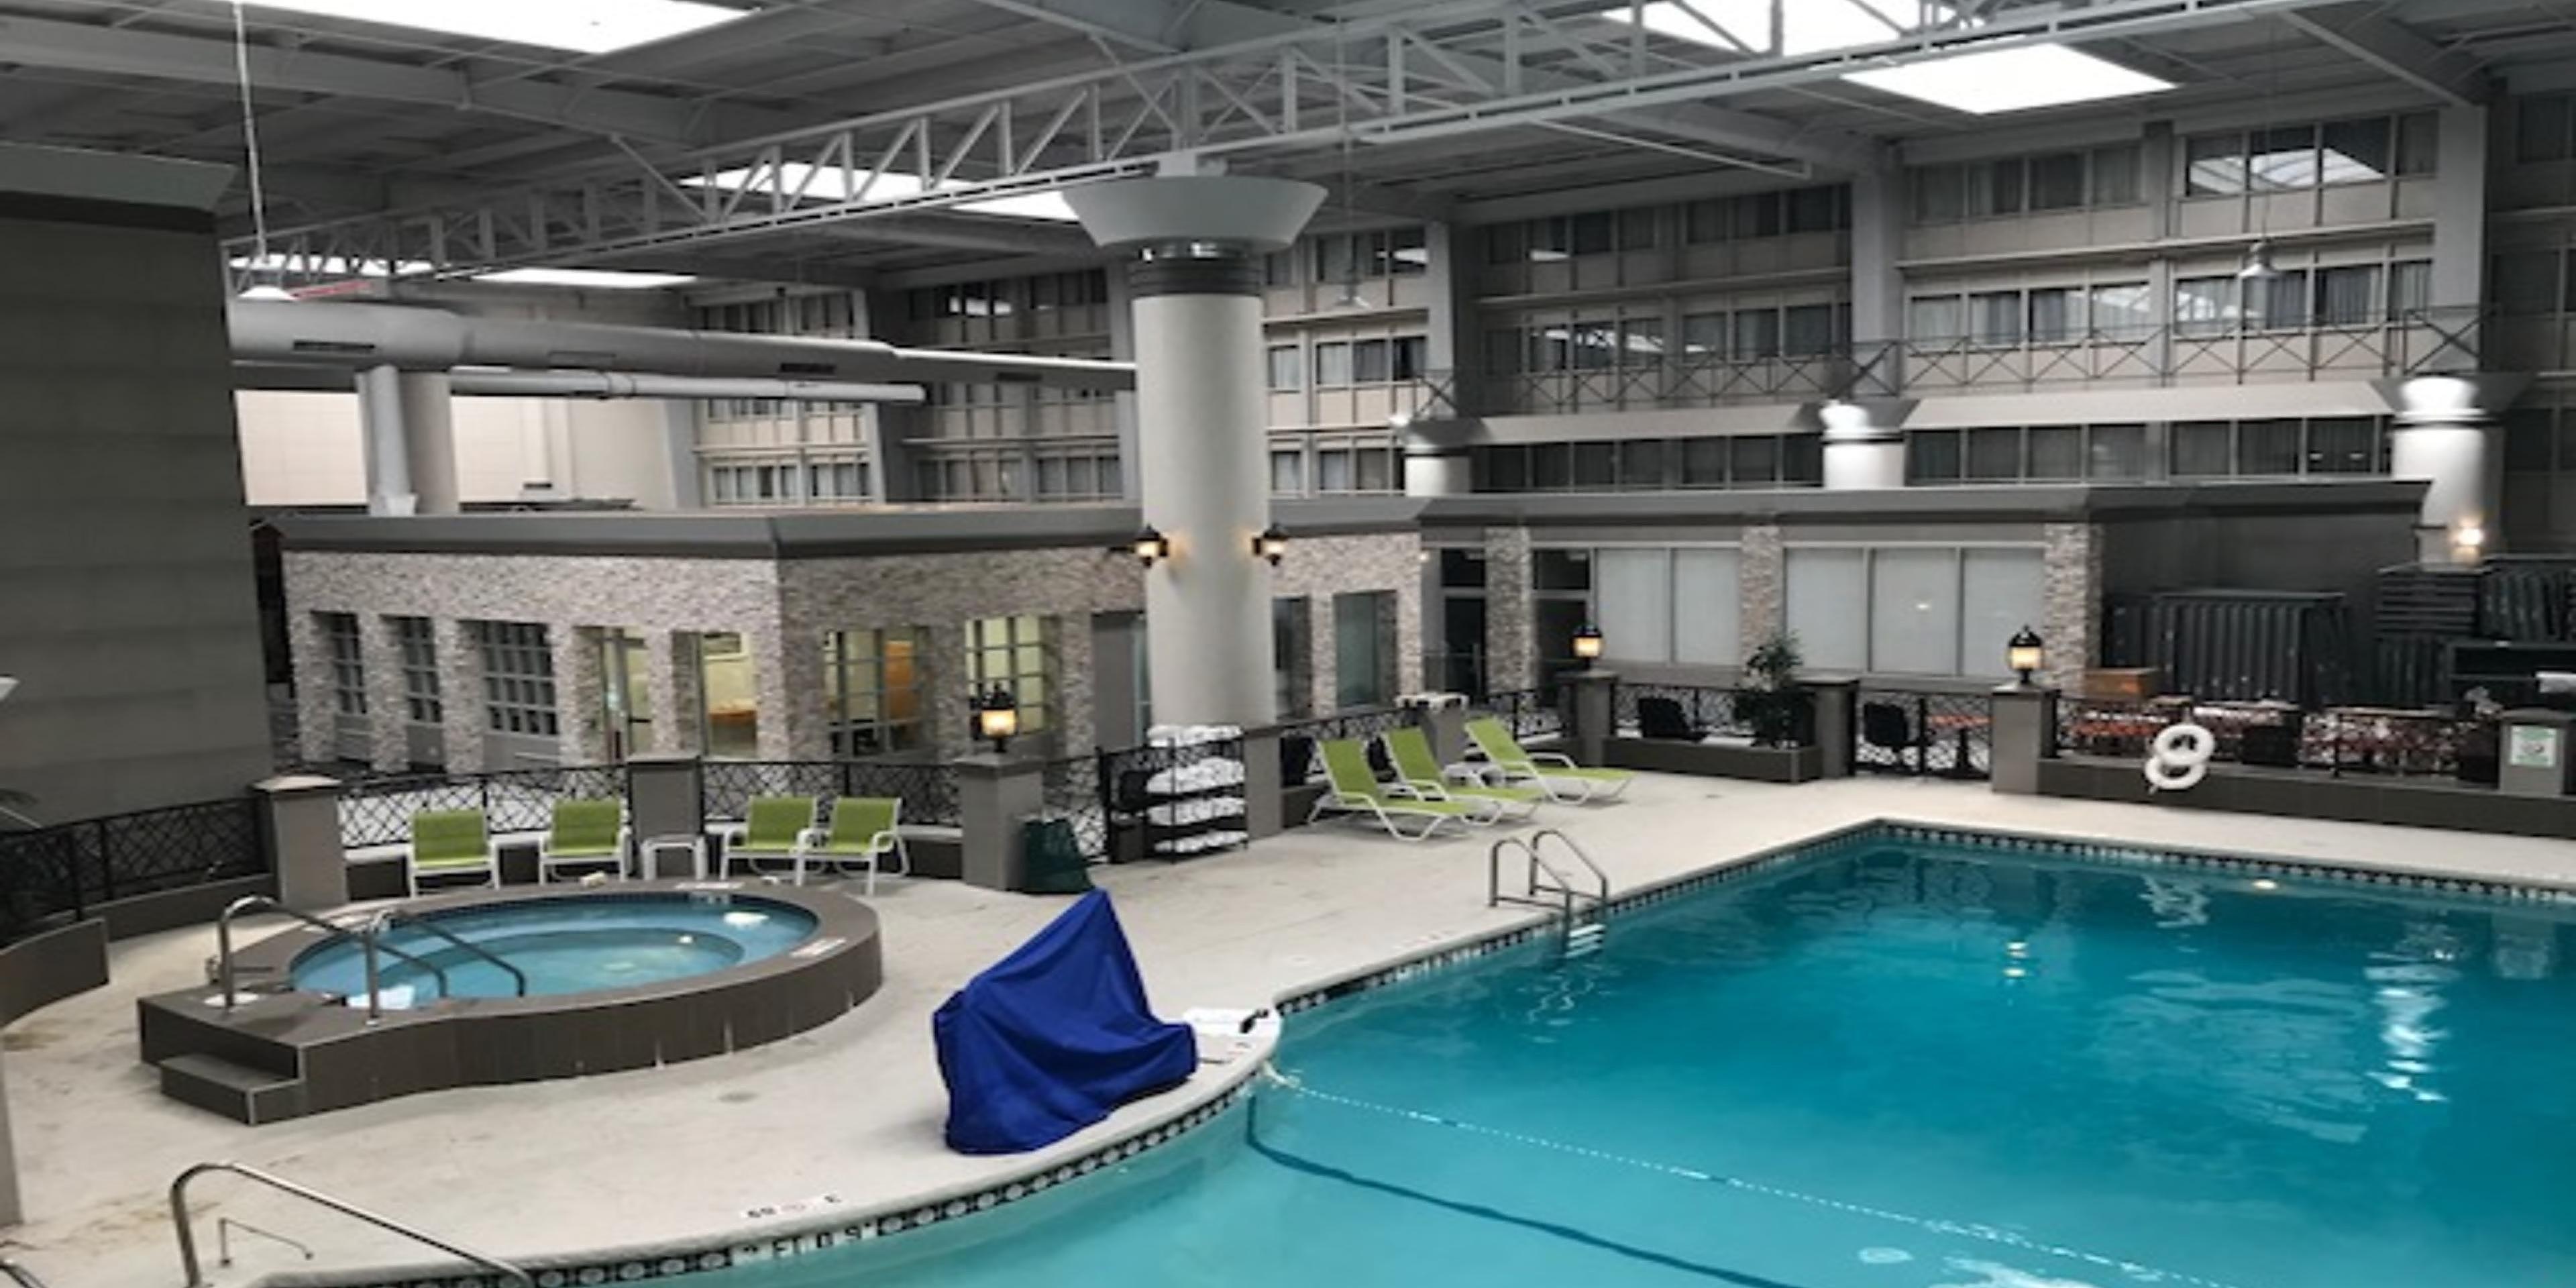 Holiday Inn & Suites Chicago North Shore (Skokie) | Skokie, IL Hotels